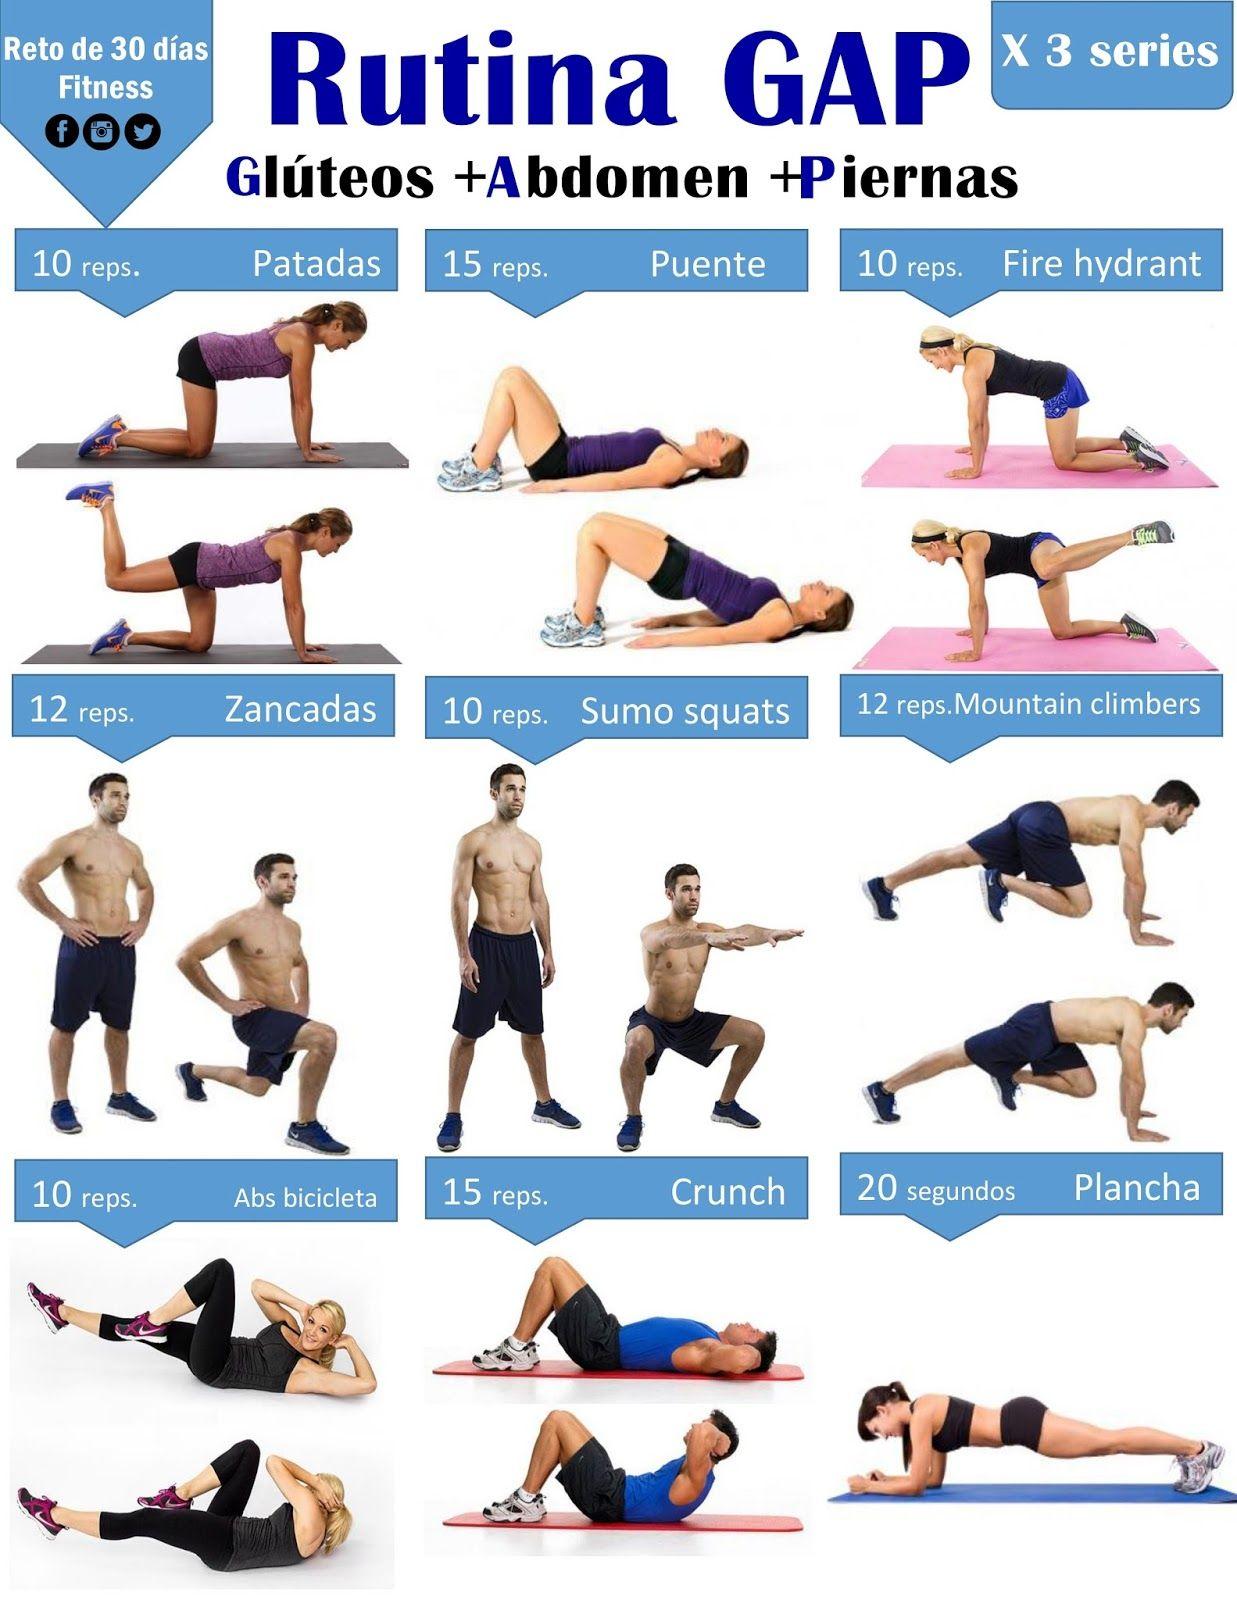 gays rutina de ejercicio